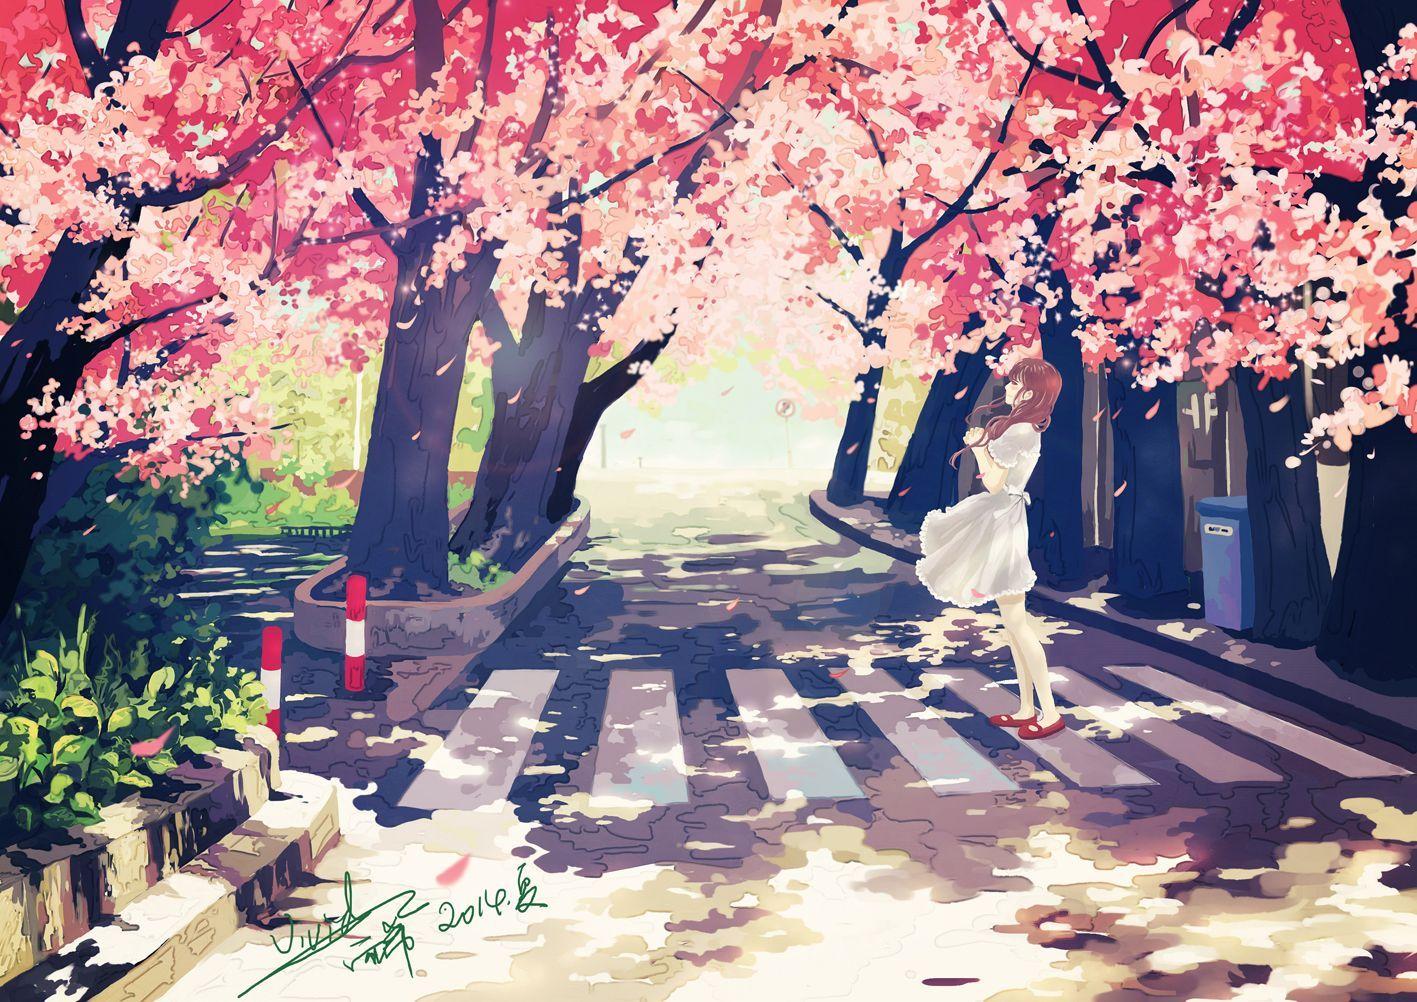 Cảnh hoa anh đào trong anime đẹp nhất